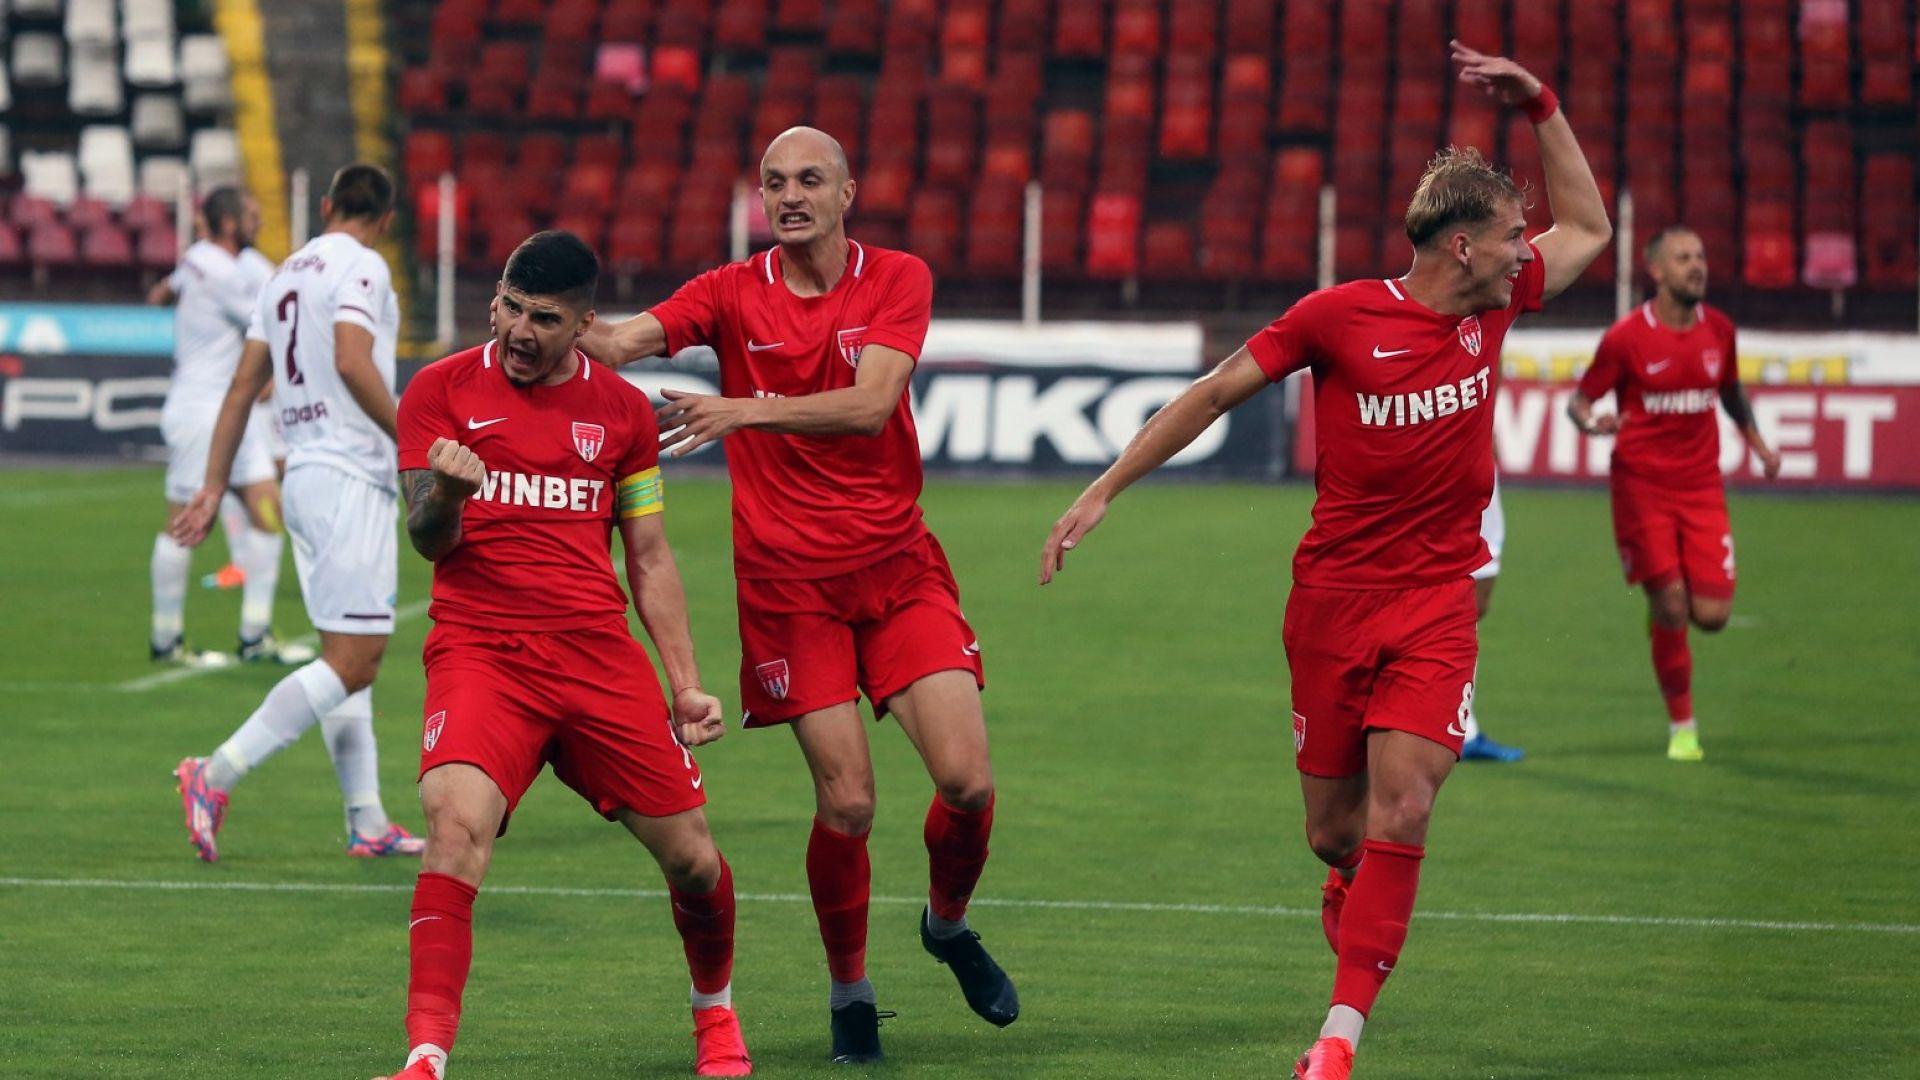 Най-добрата защита в България затвърди реномето си и в Пловдив